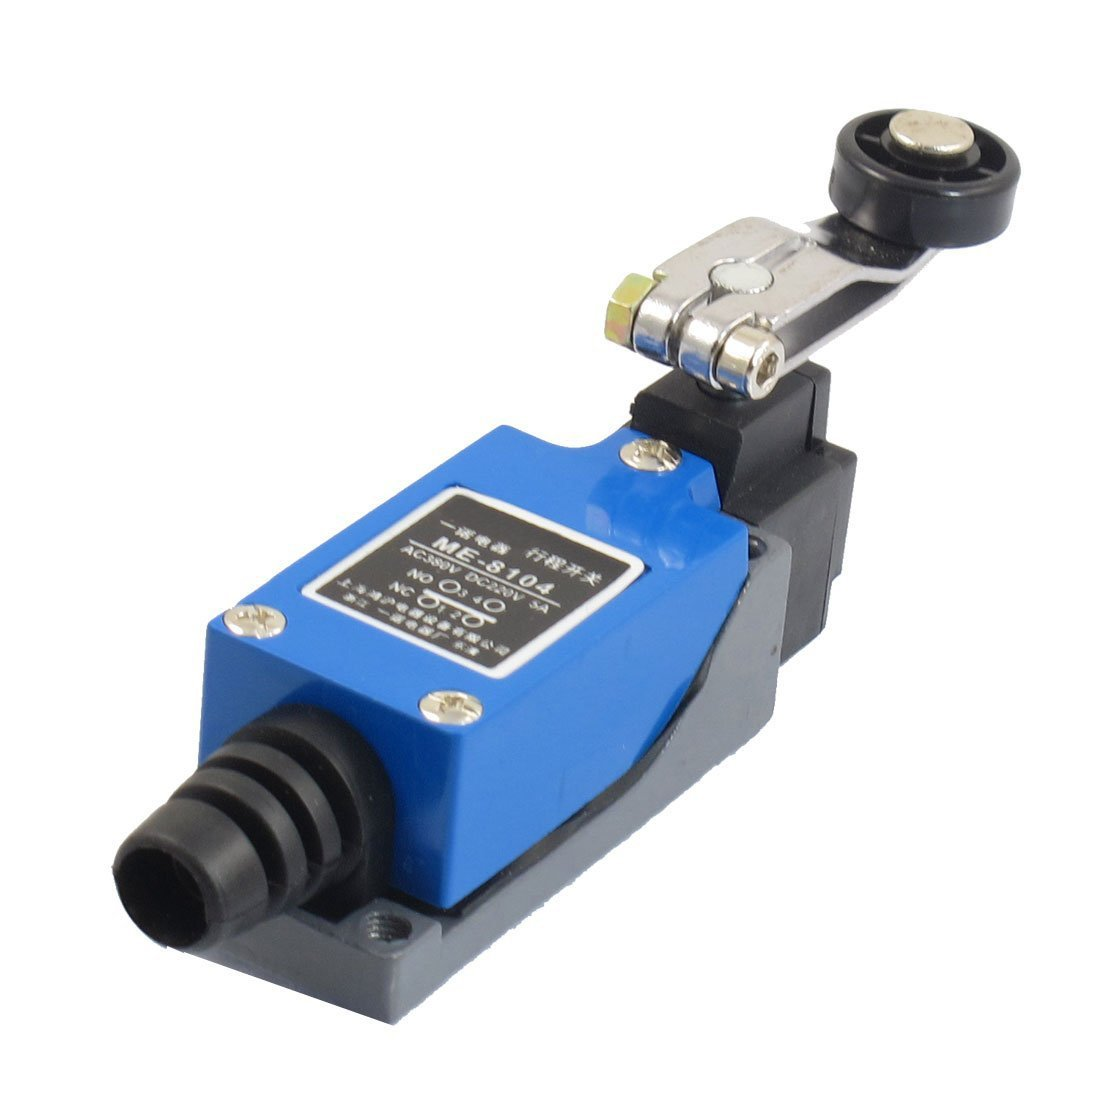 WOVELOT ME-8104 Rouleau Rotatif plastique Bras Fin de course pour Mill CNC Plasma